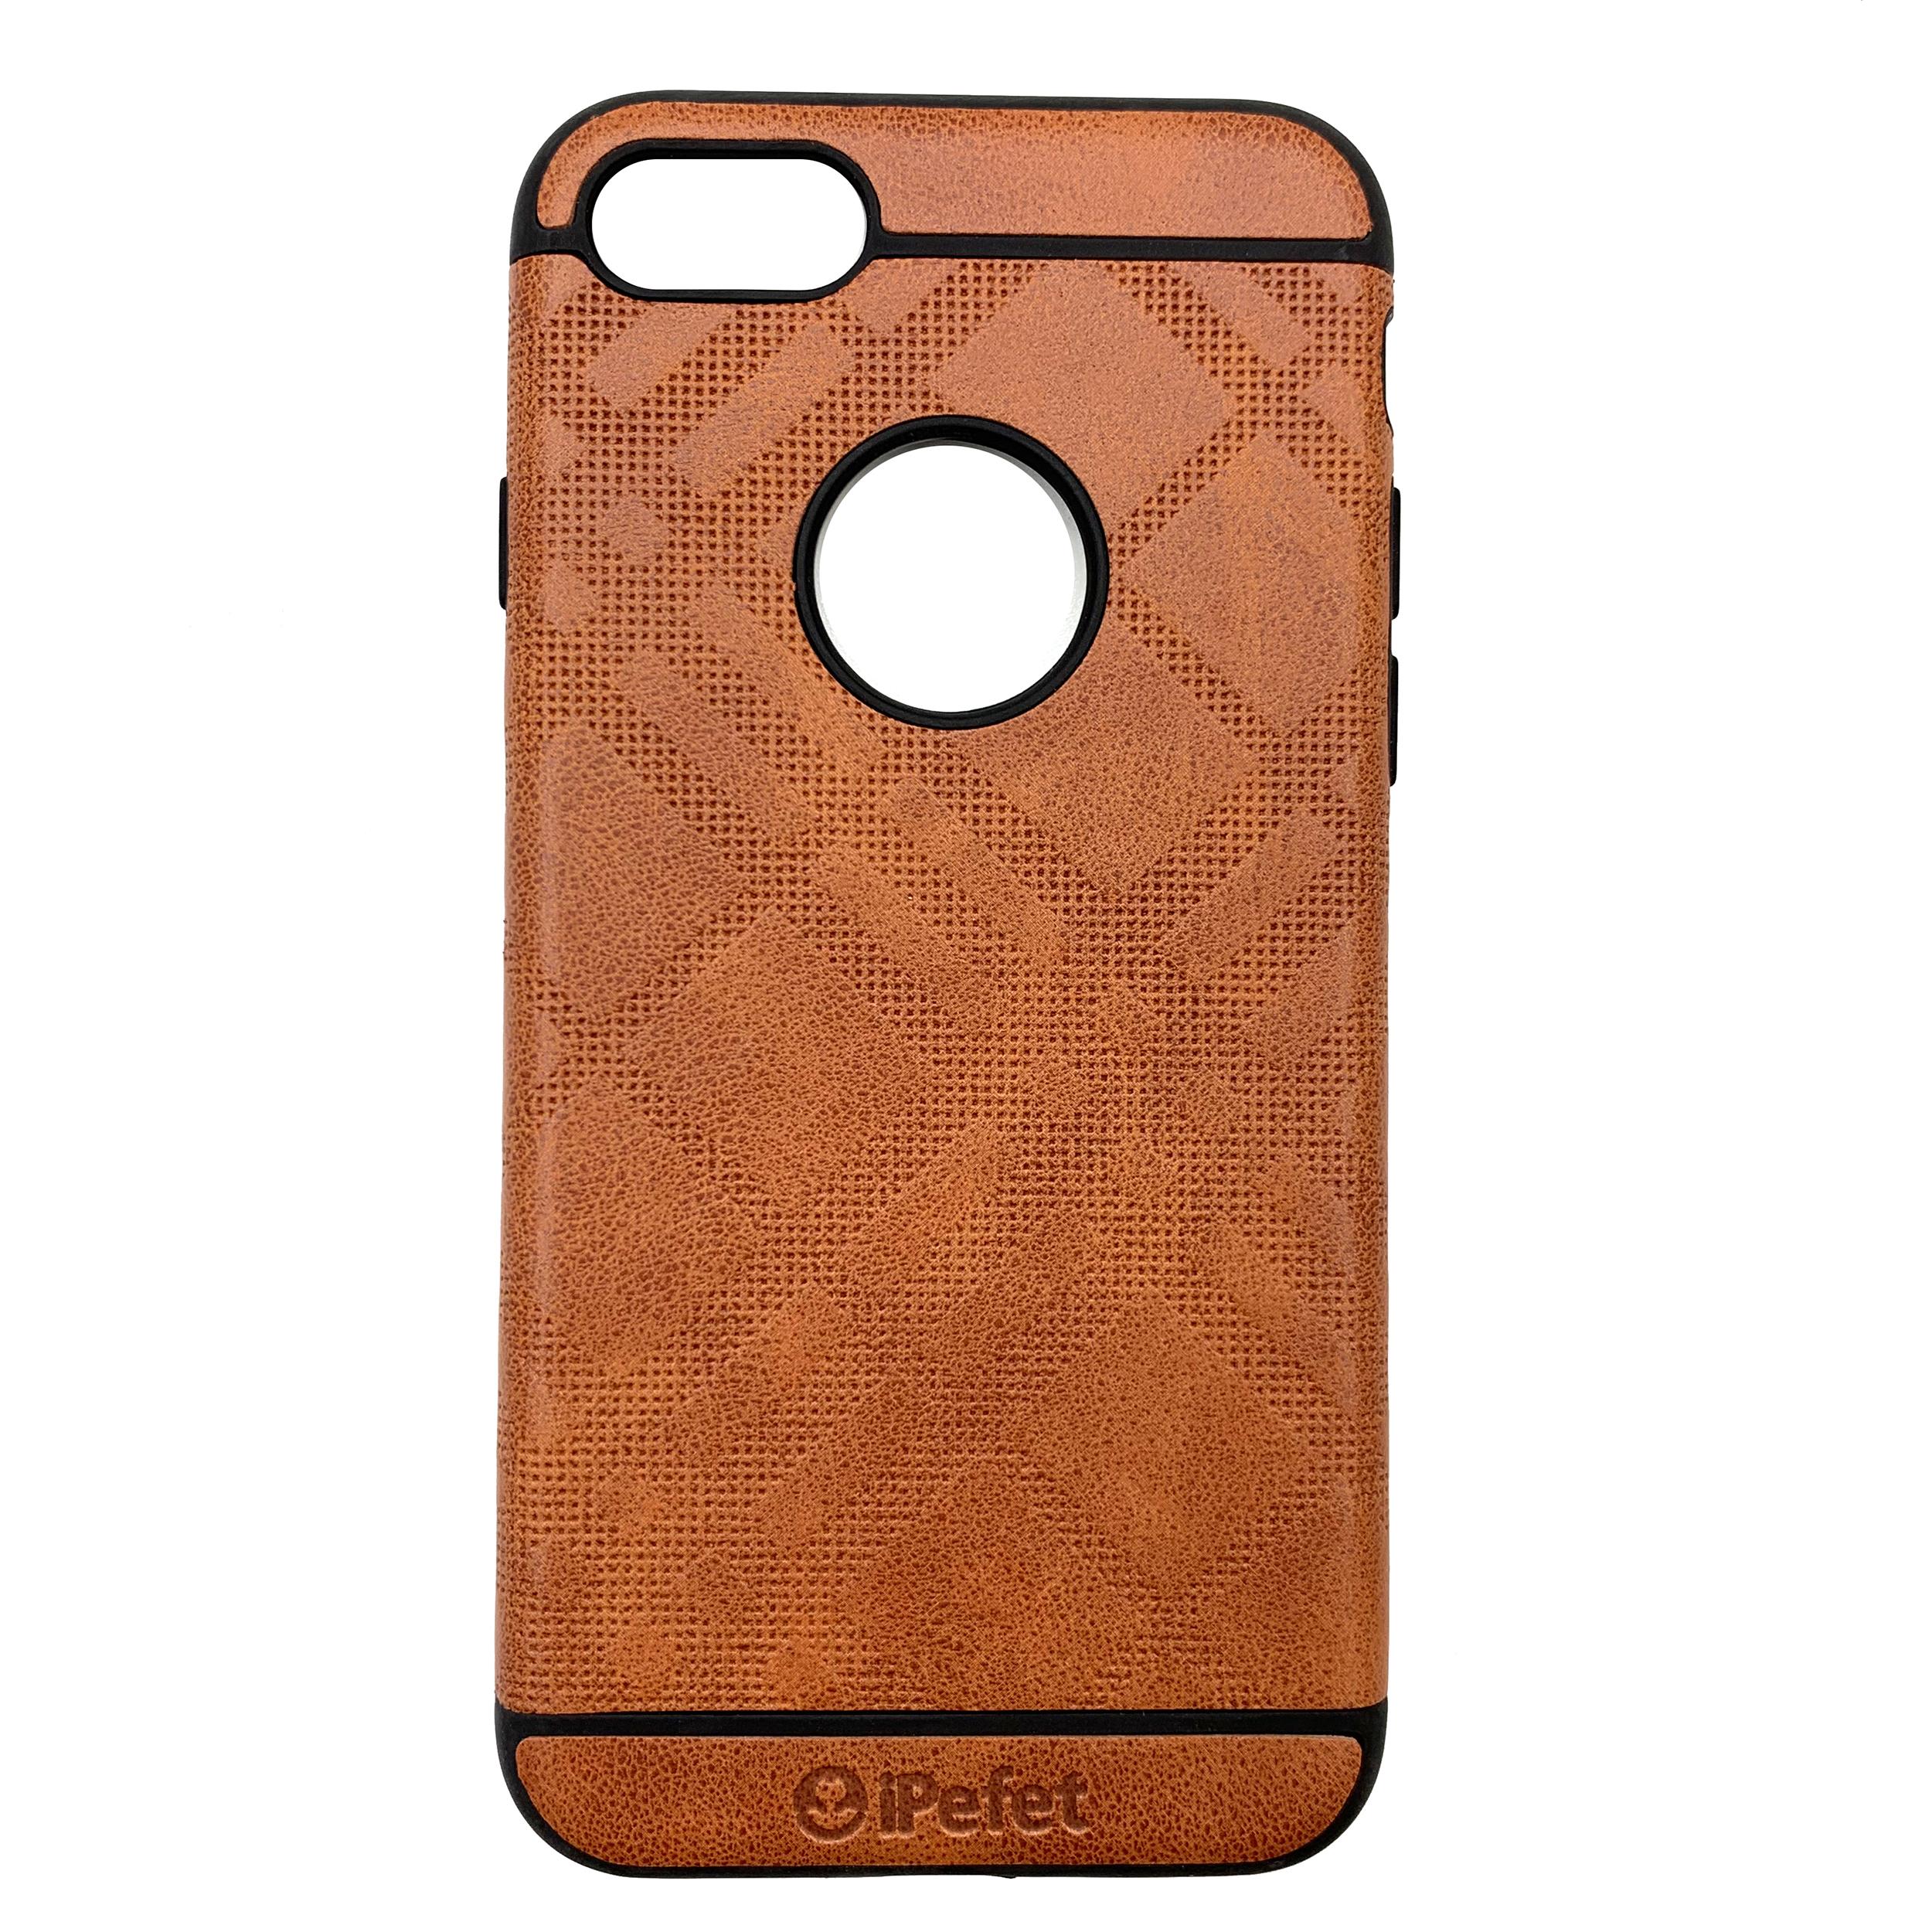 کاور ای پفت مدل DS60 مناسب برای گوشی موبایل اپل iphone 7